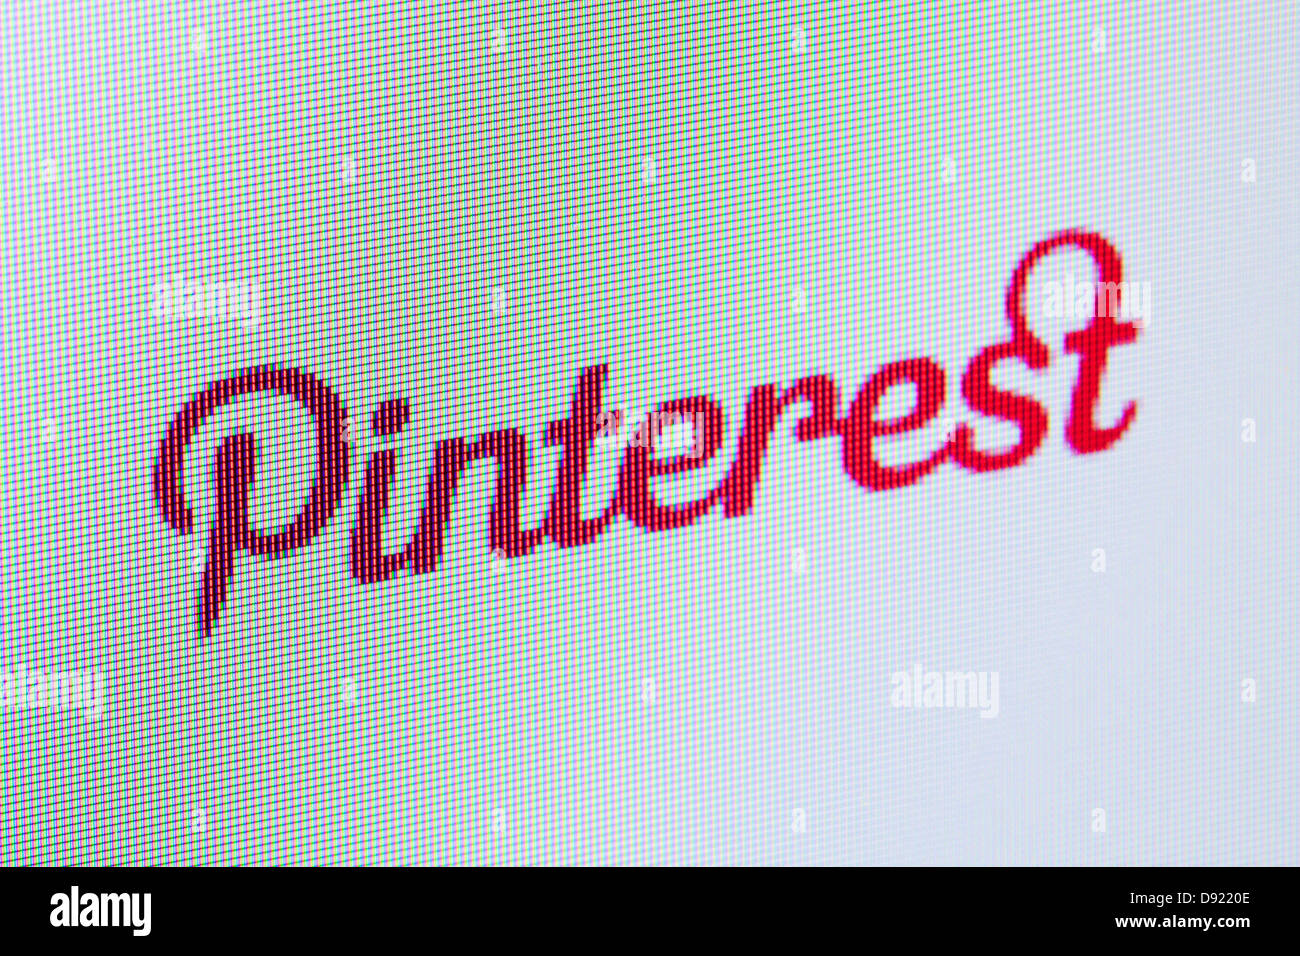 Pinterest website screen capture - Stock Image